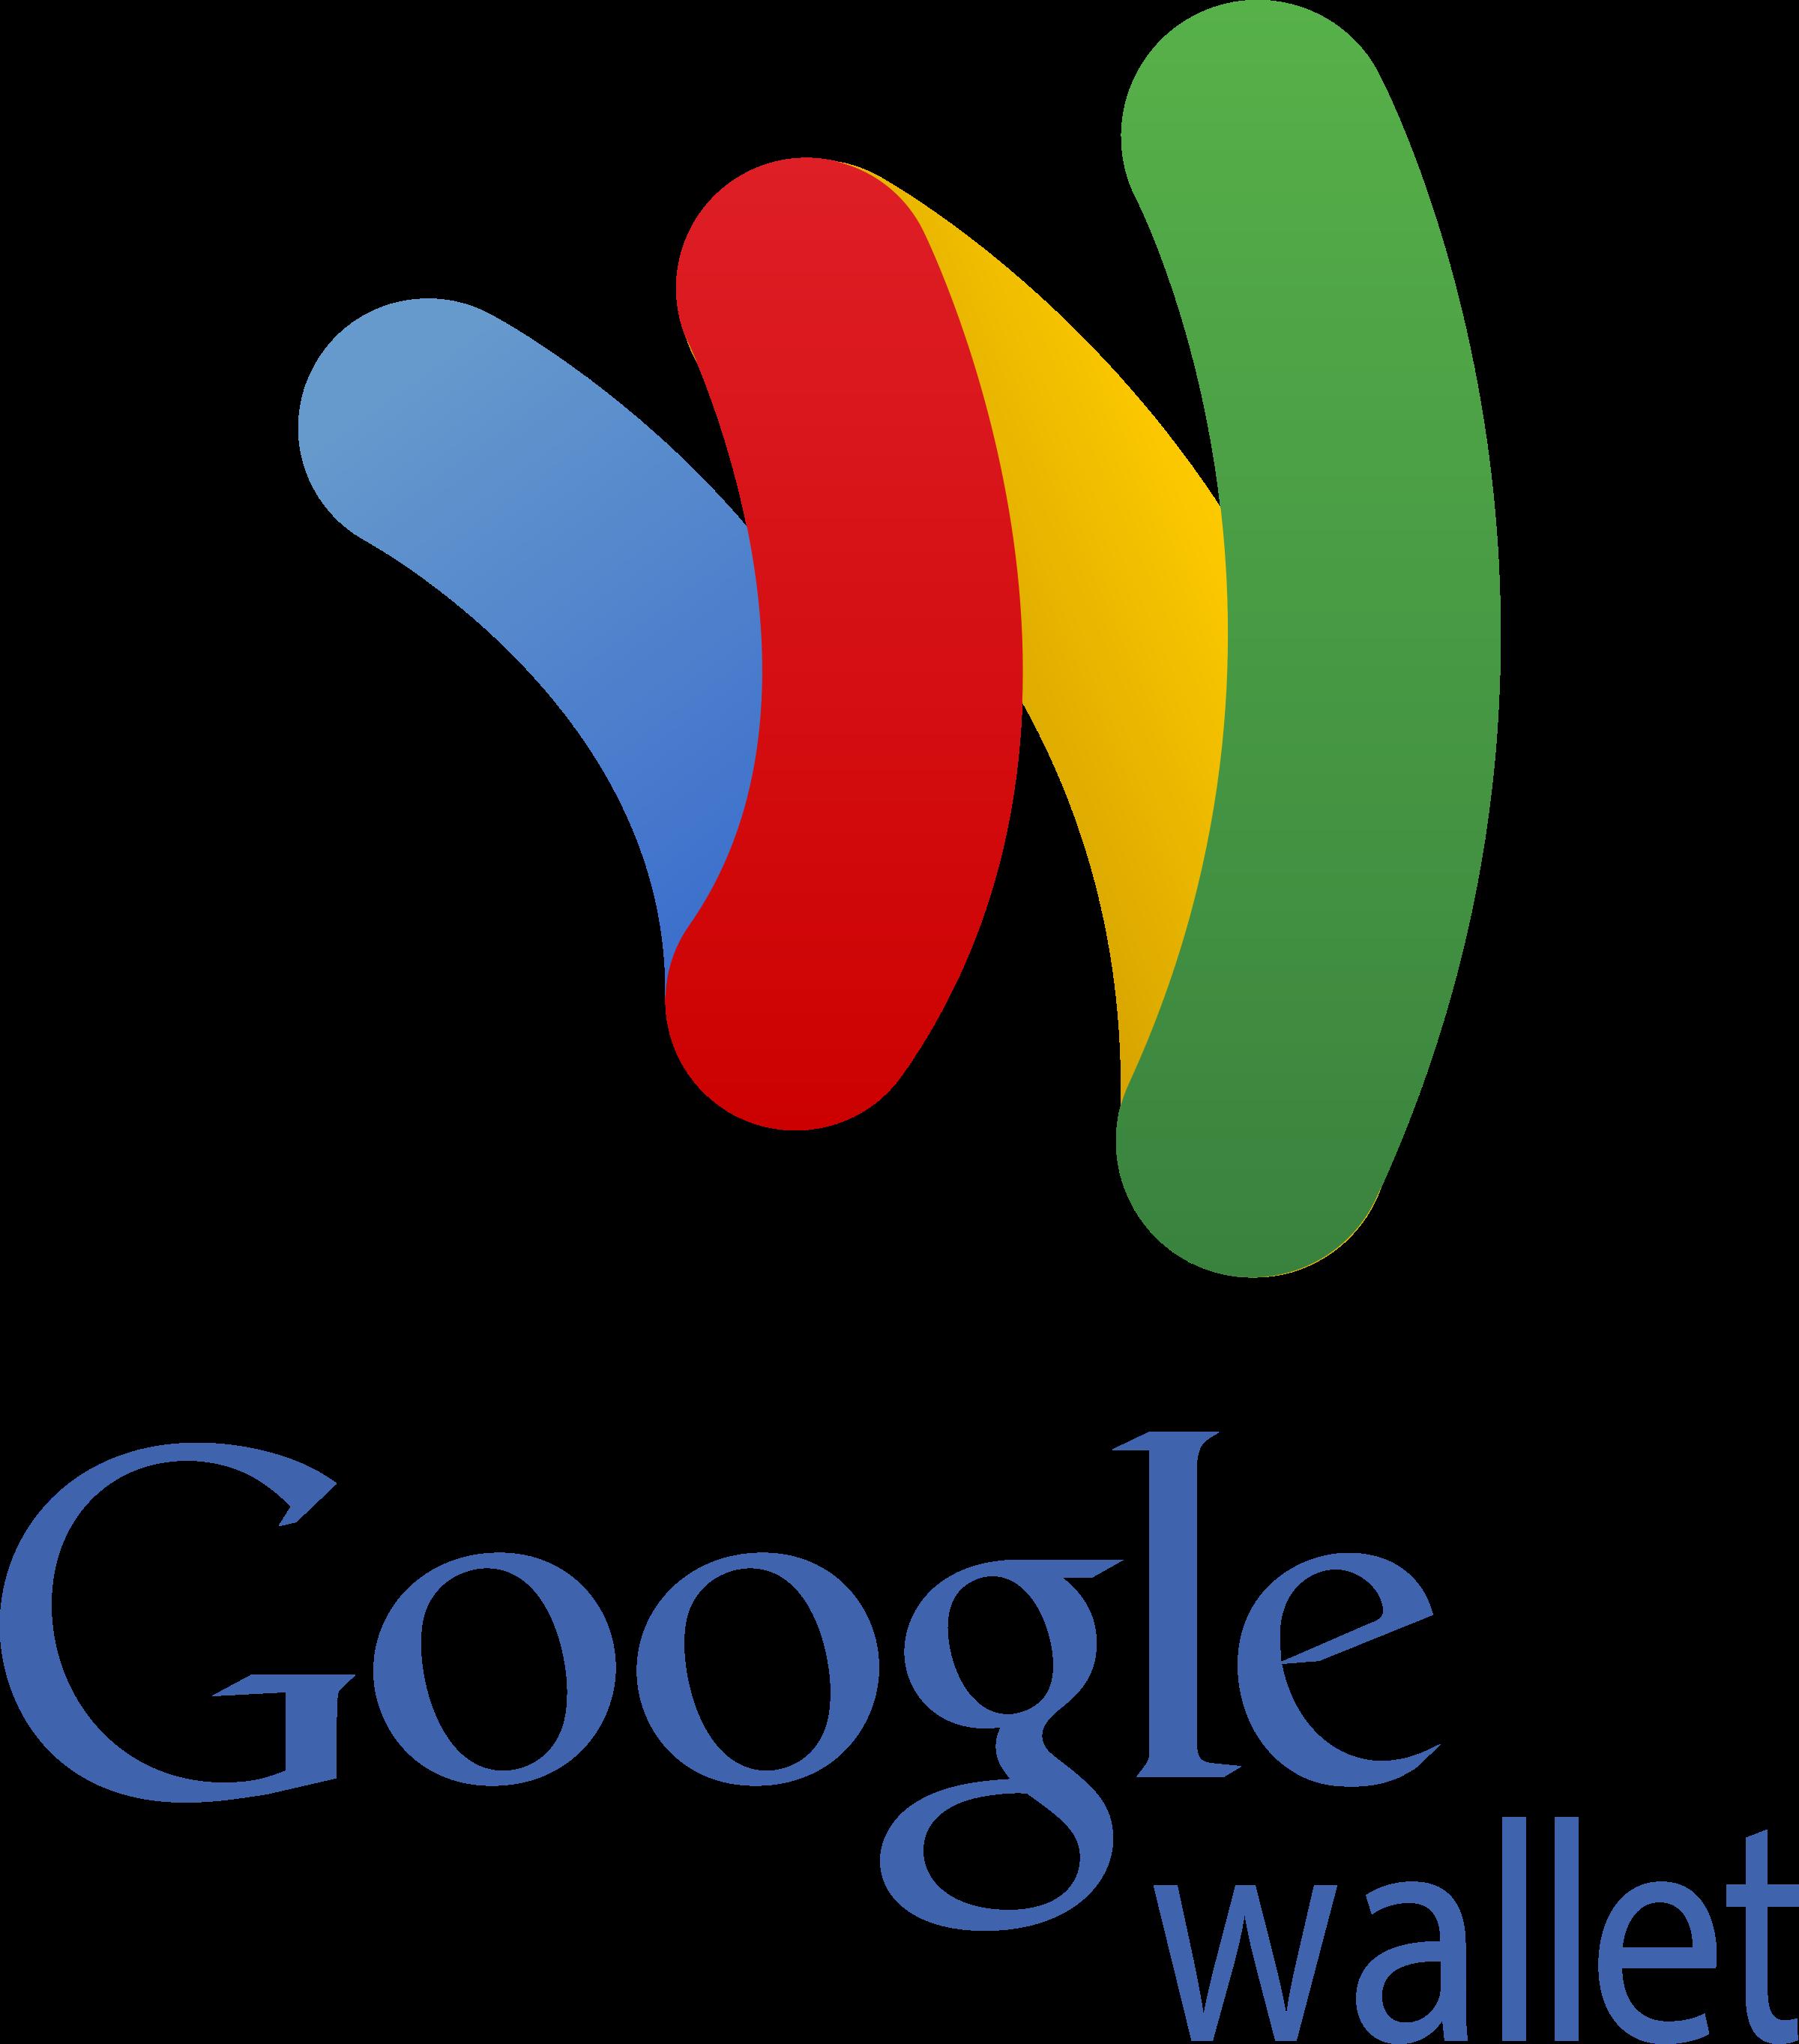 Wallet logo svg vector. Google png transparent